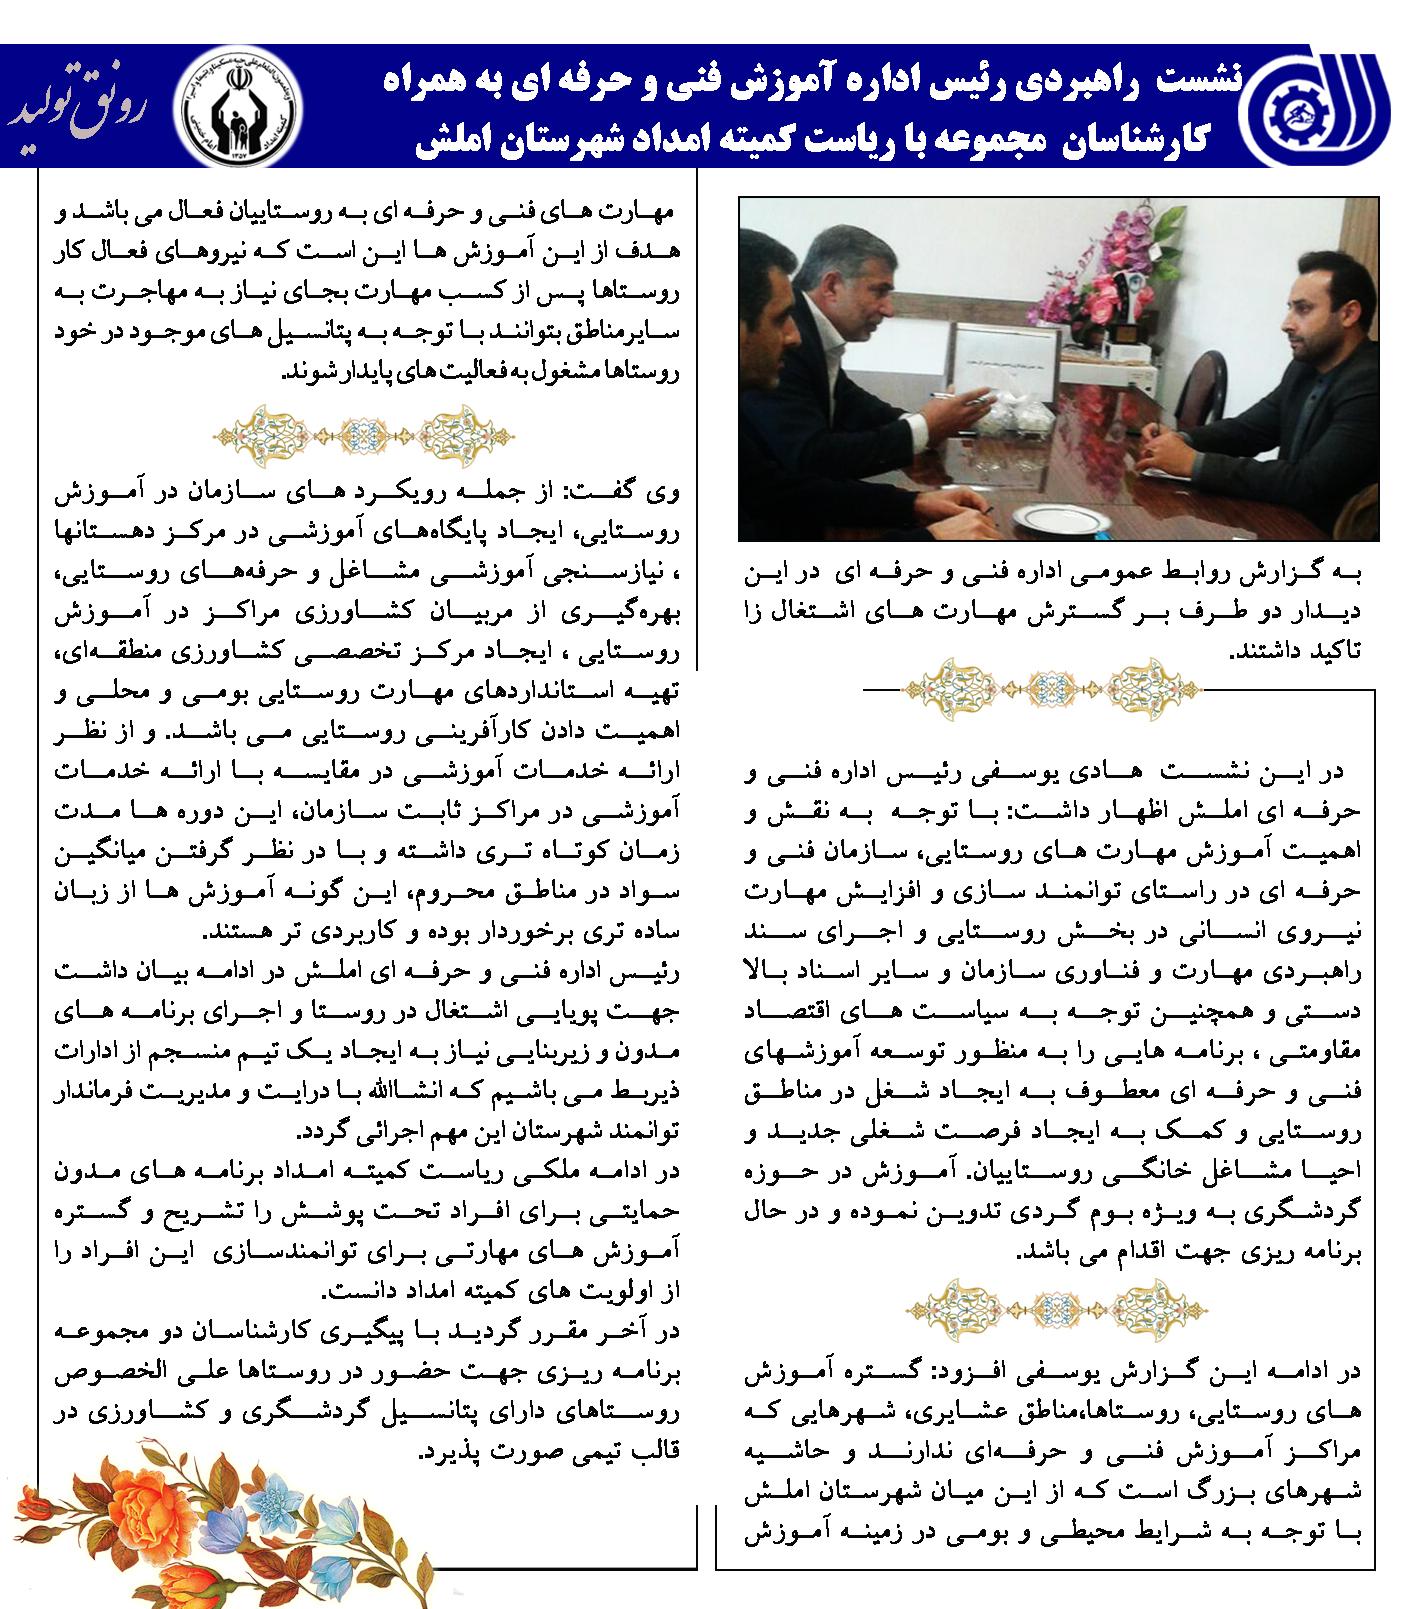 نشست راهبردی با ریاست کمیته امداد امام خمینی (ره) شهرستان املش